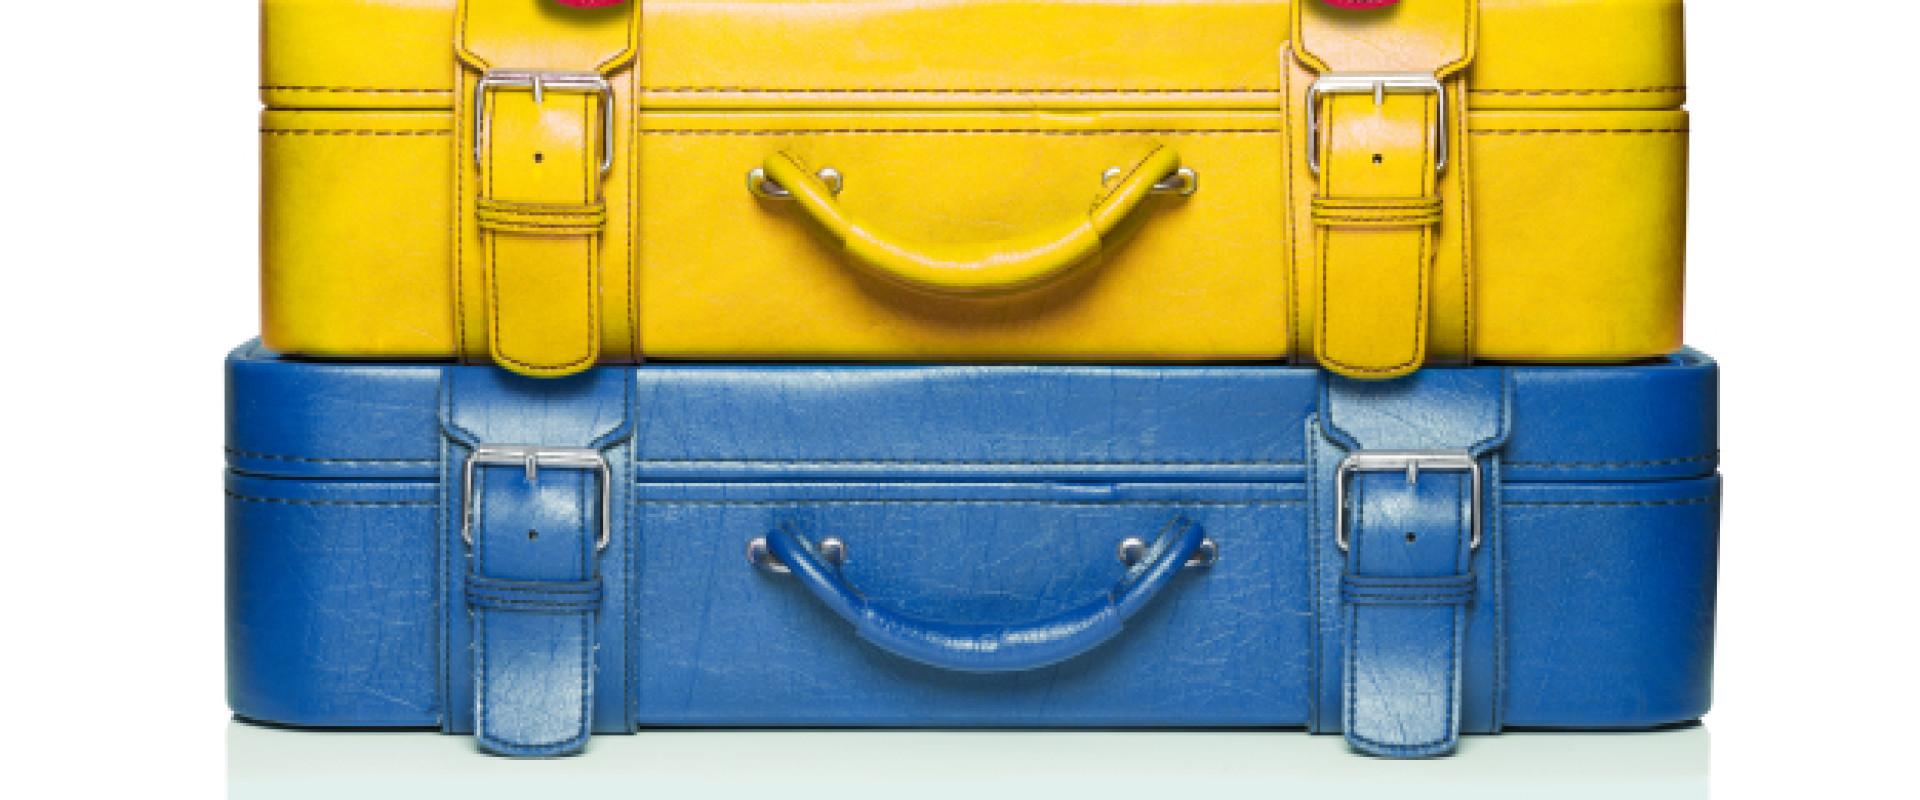 Paklijst vakantie - De HuishoudCoach